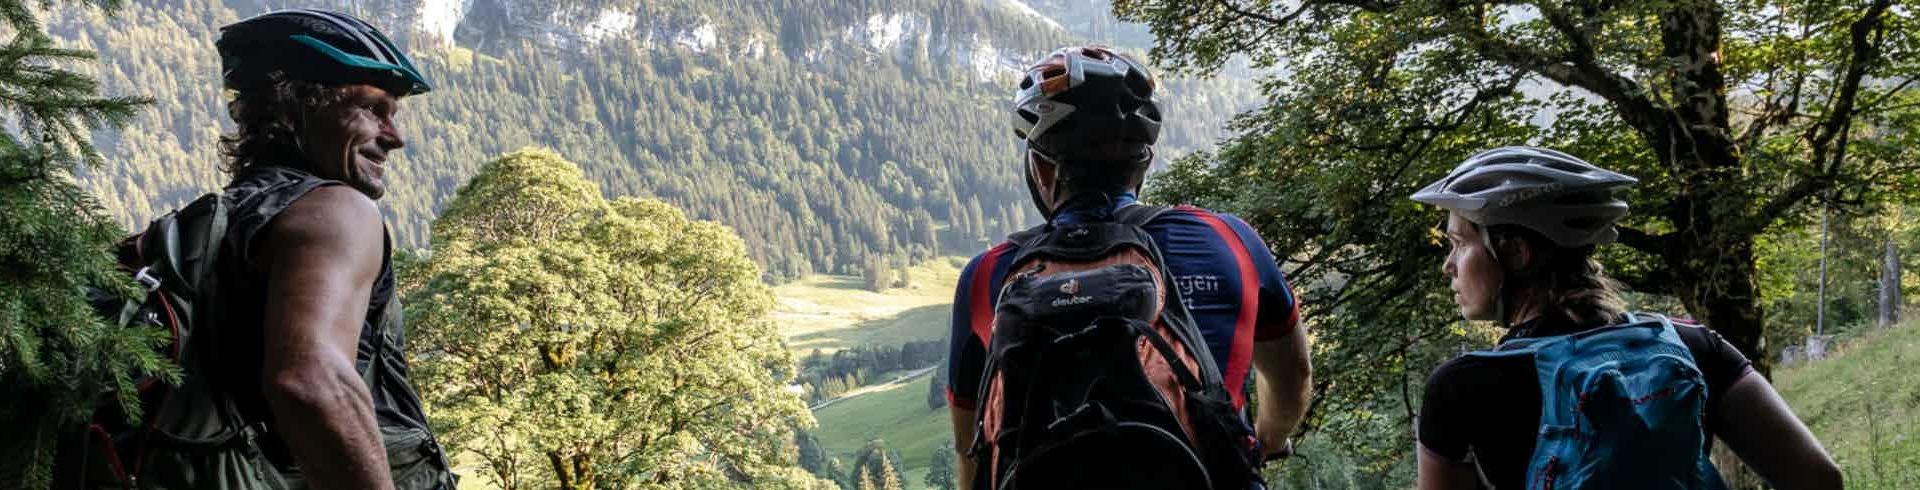 Geführte Fahrradtouren in Kempten und dem Allgäu